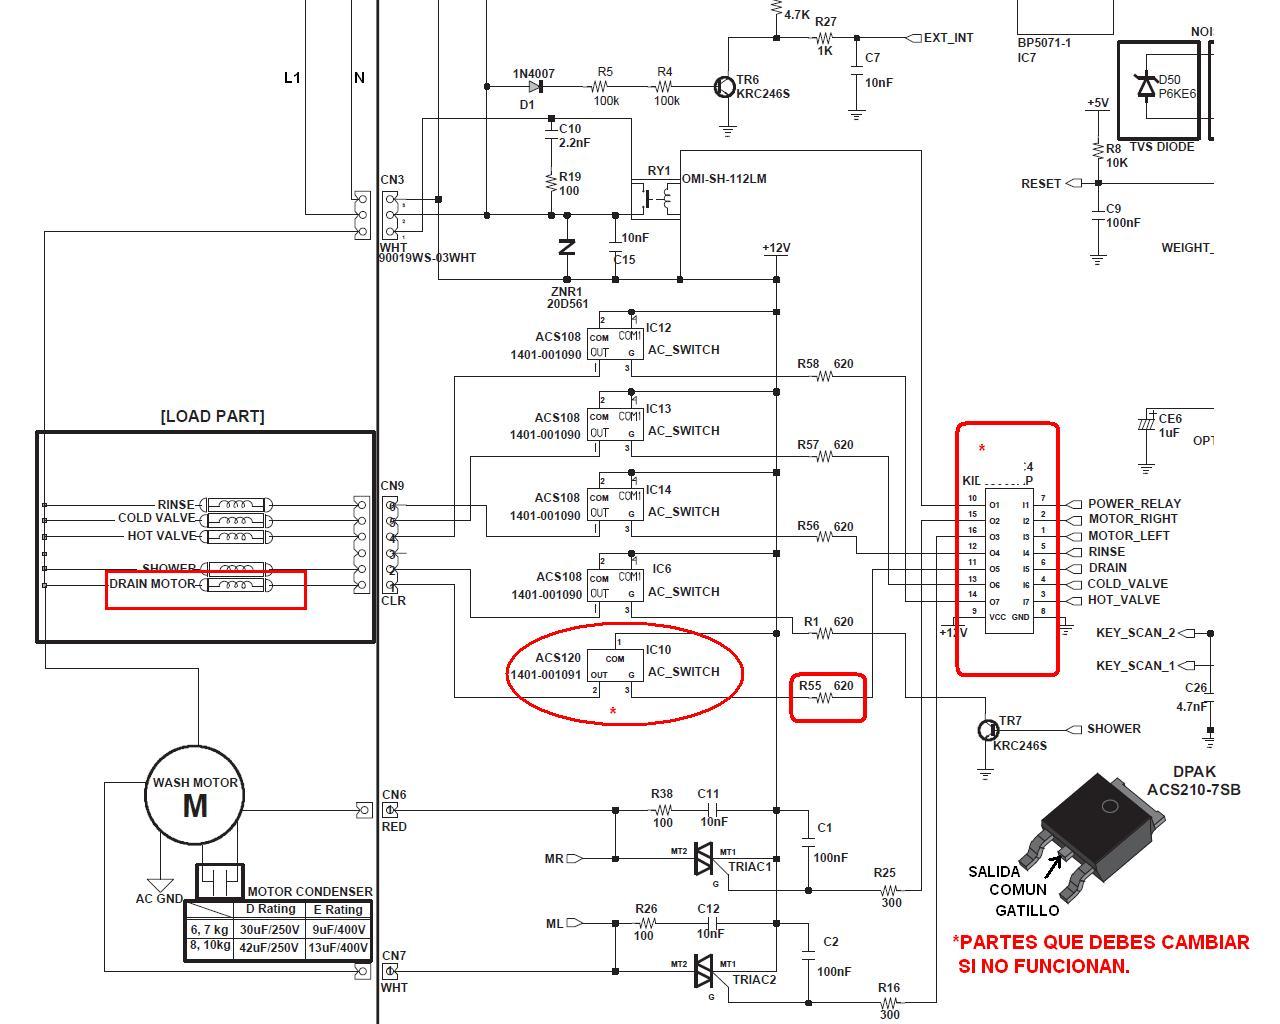 Solucionado Busco El Diagrama Electrico De La Secadora De